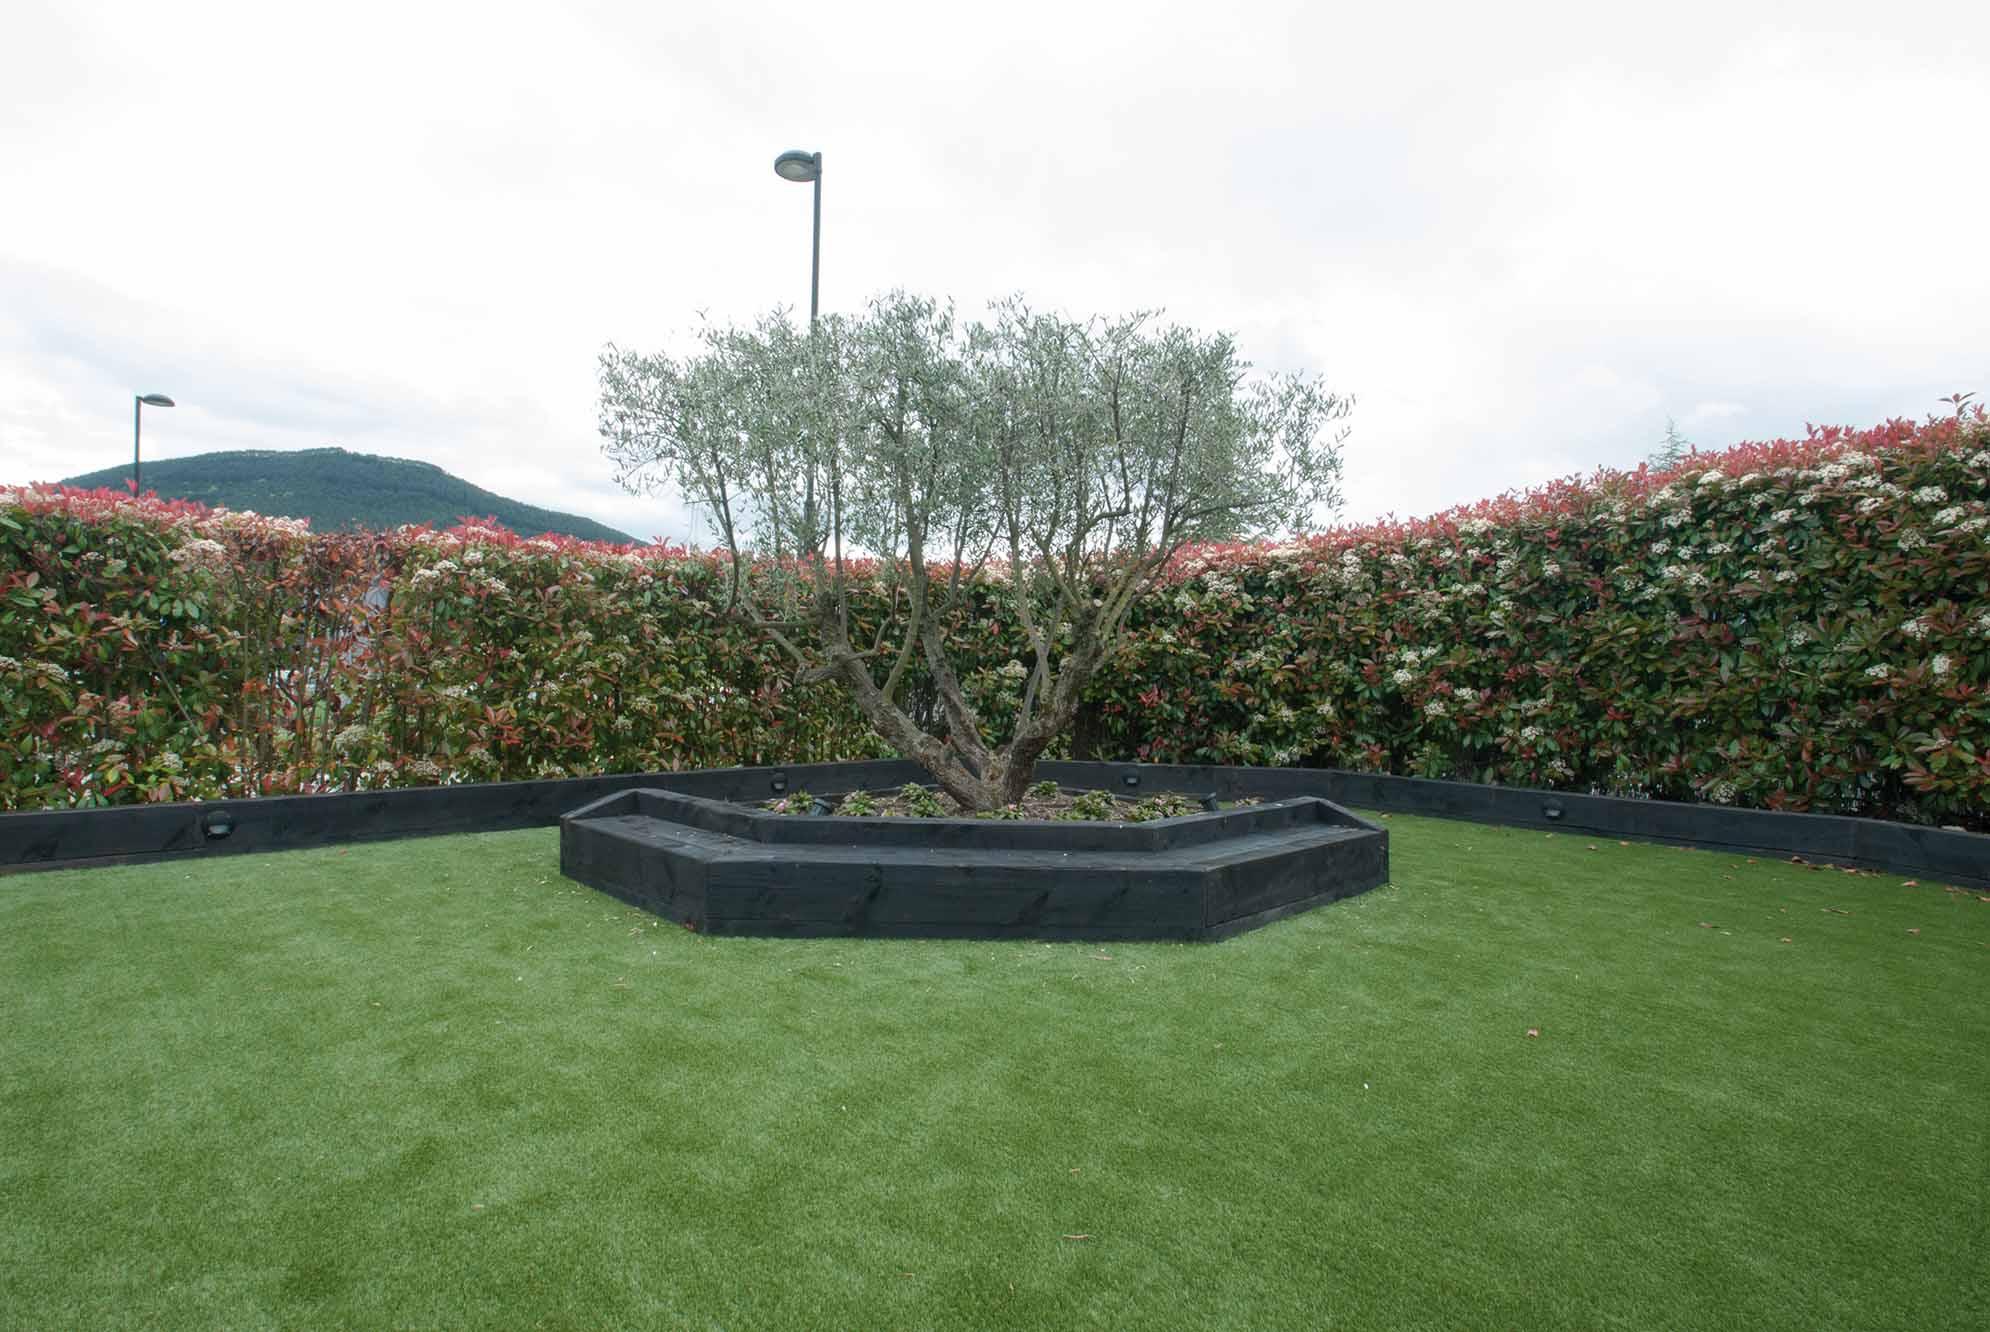 jardin-cesped-artificial-traviesas-aridos1